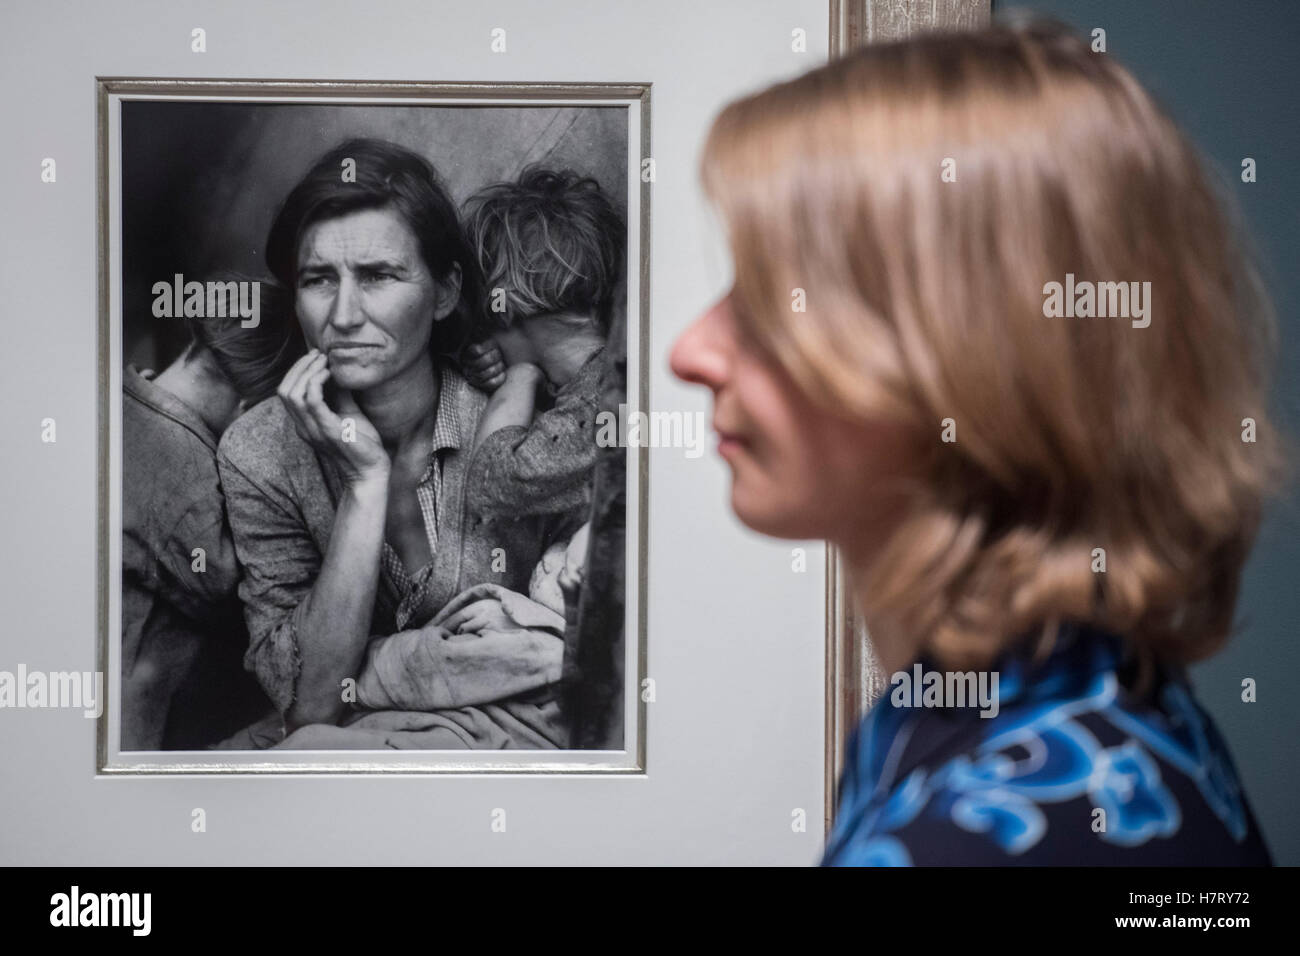 Londres, Reino Unido. 8 nov, 2016. Madre migrante 1936 por Dorothea Lange - El Ojo radical: Fotografía modernista Foto de stock